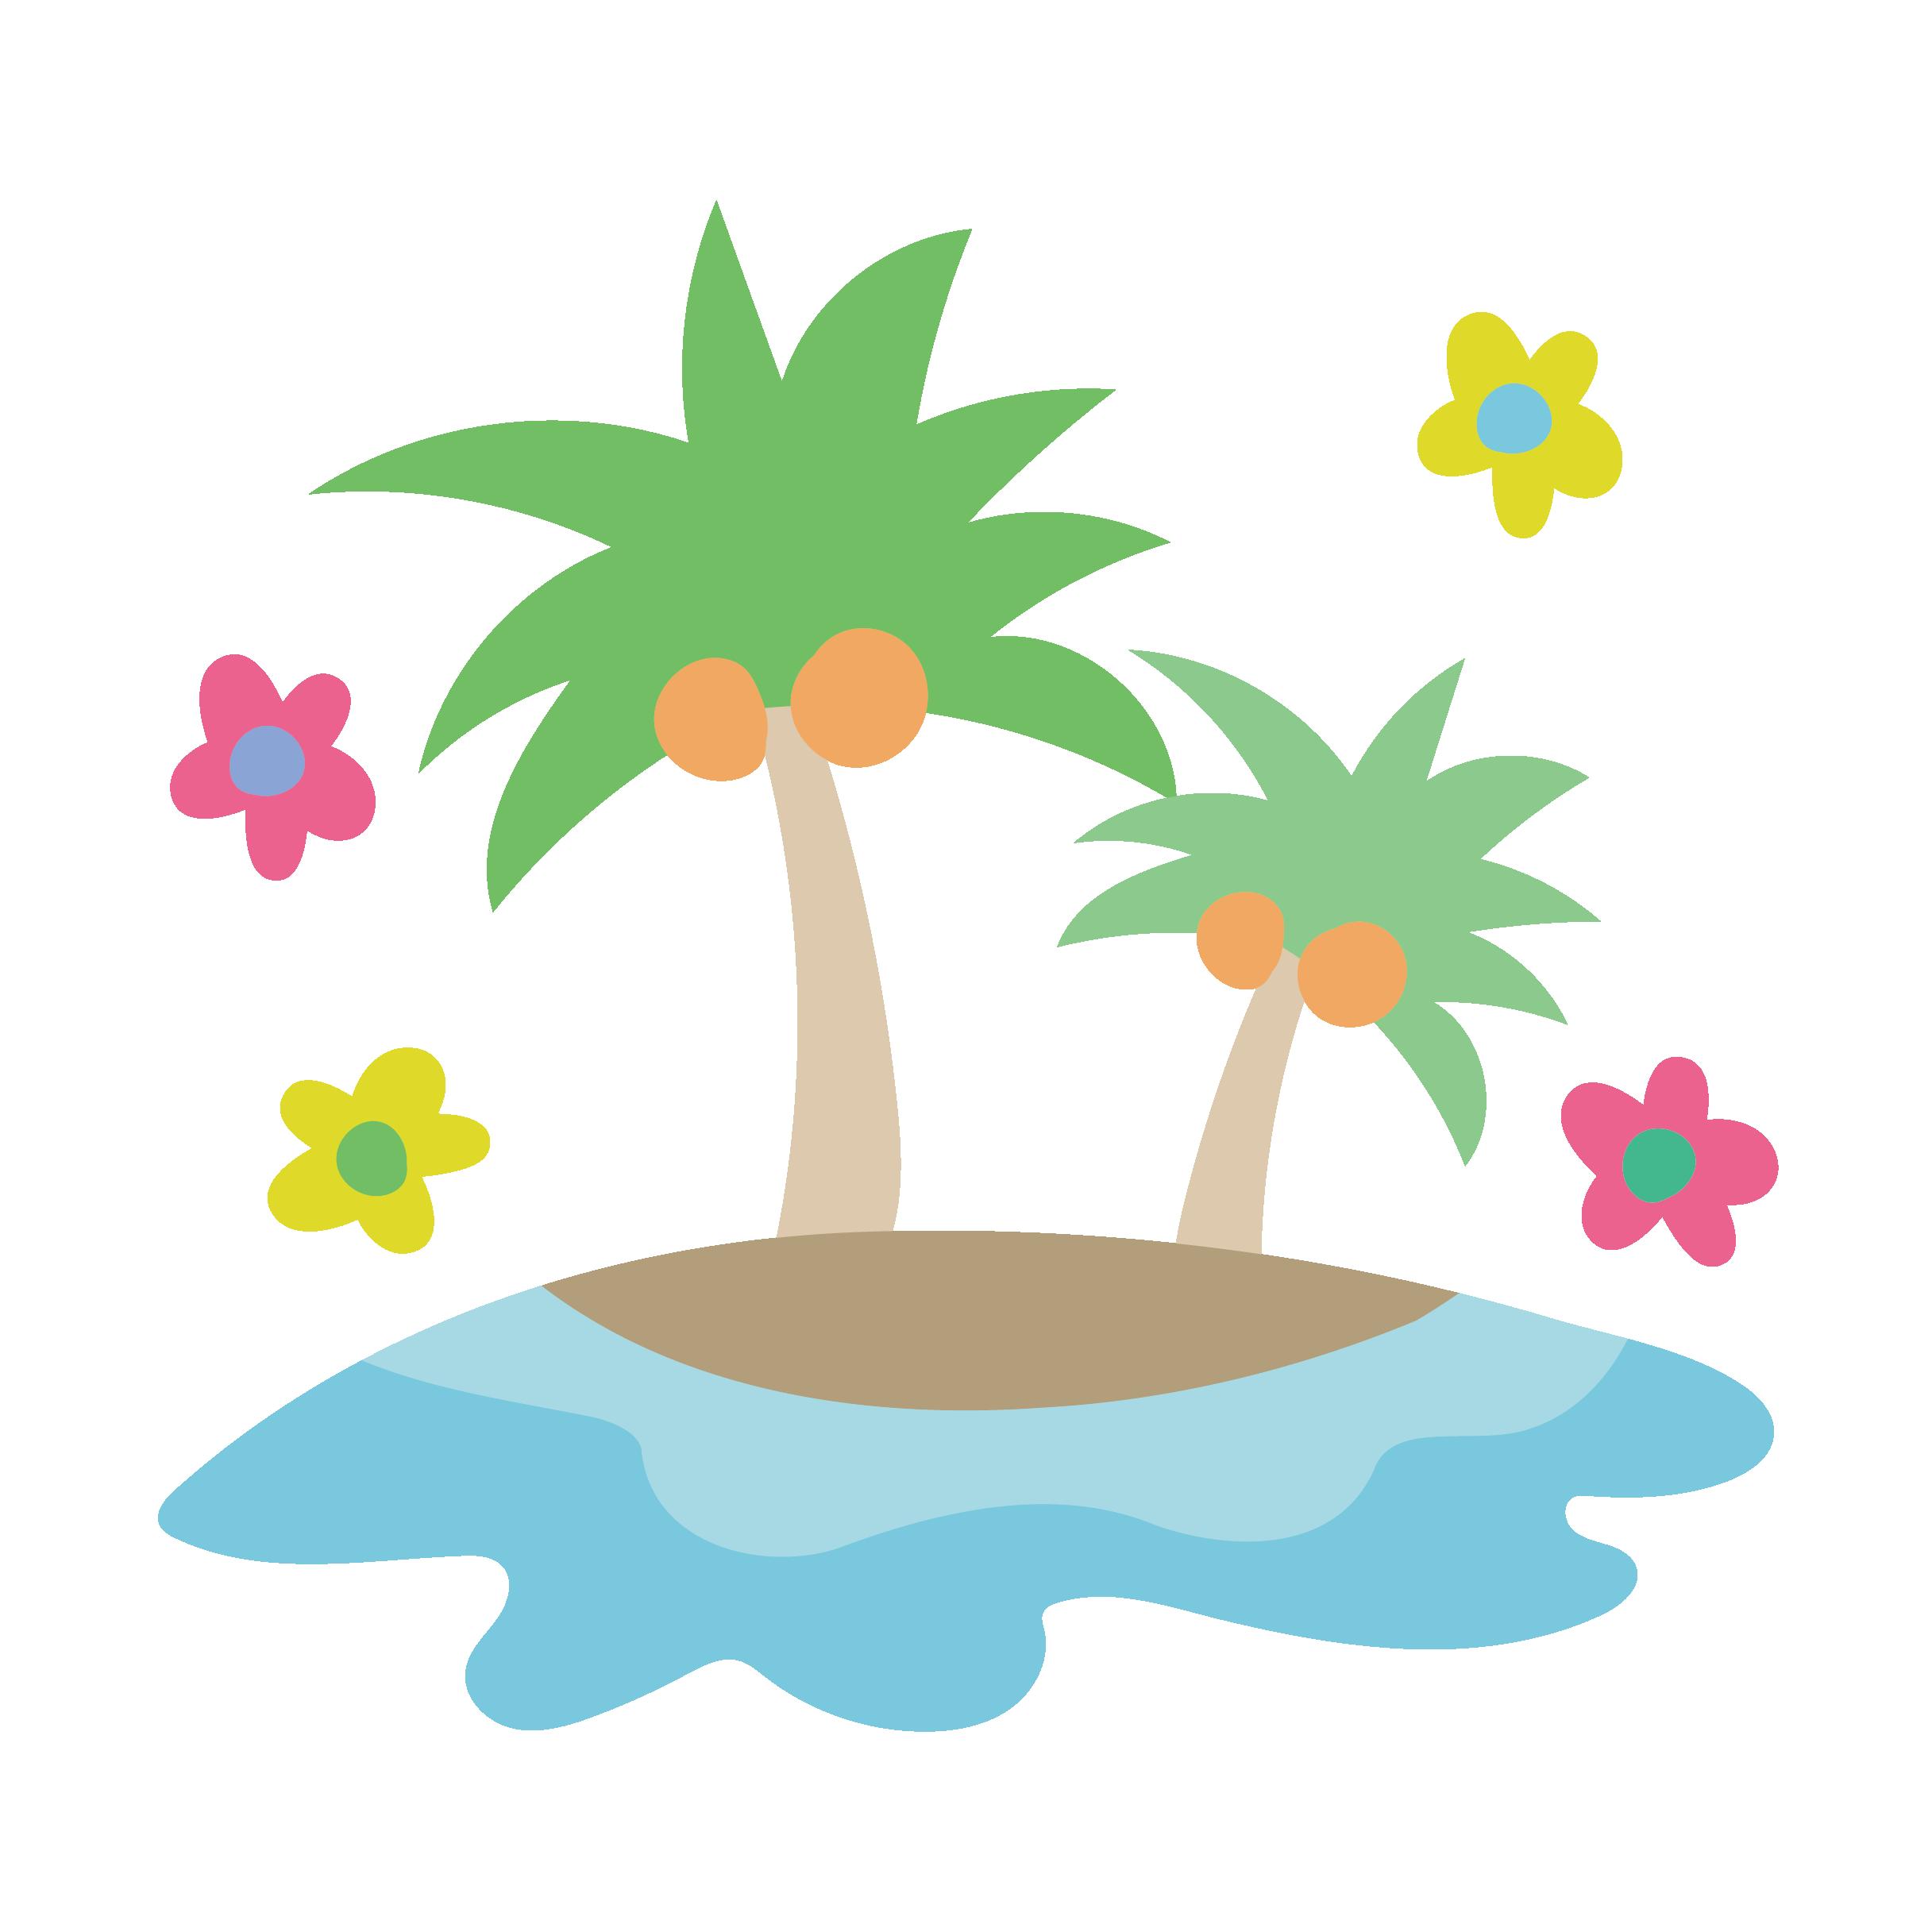 かわいい♪ヤシの木のイラスト【夏素材】 | 商用フリー(無料)のイラスト